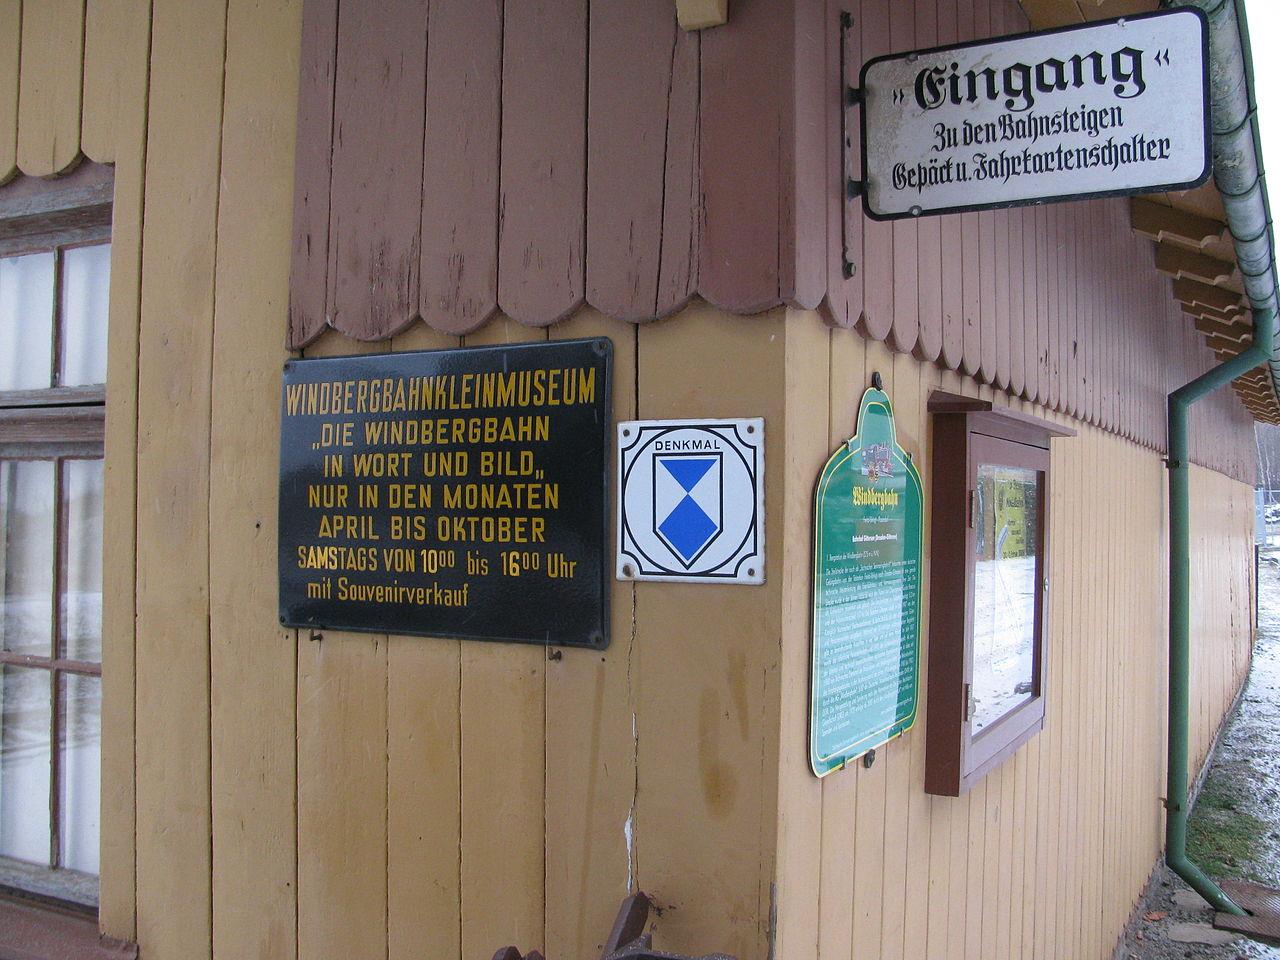 Bild Museum zur Geschichte der Windbergbahn